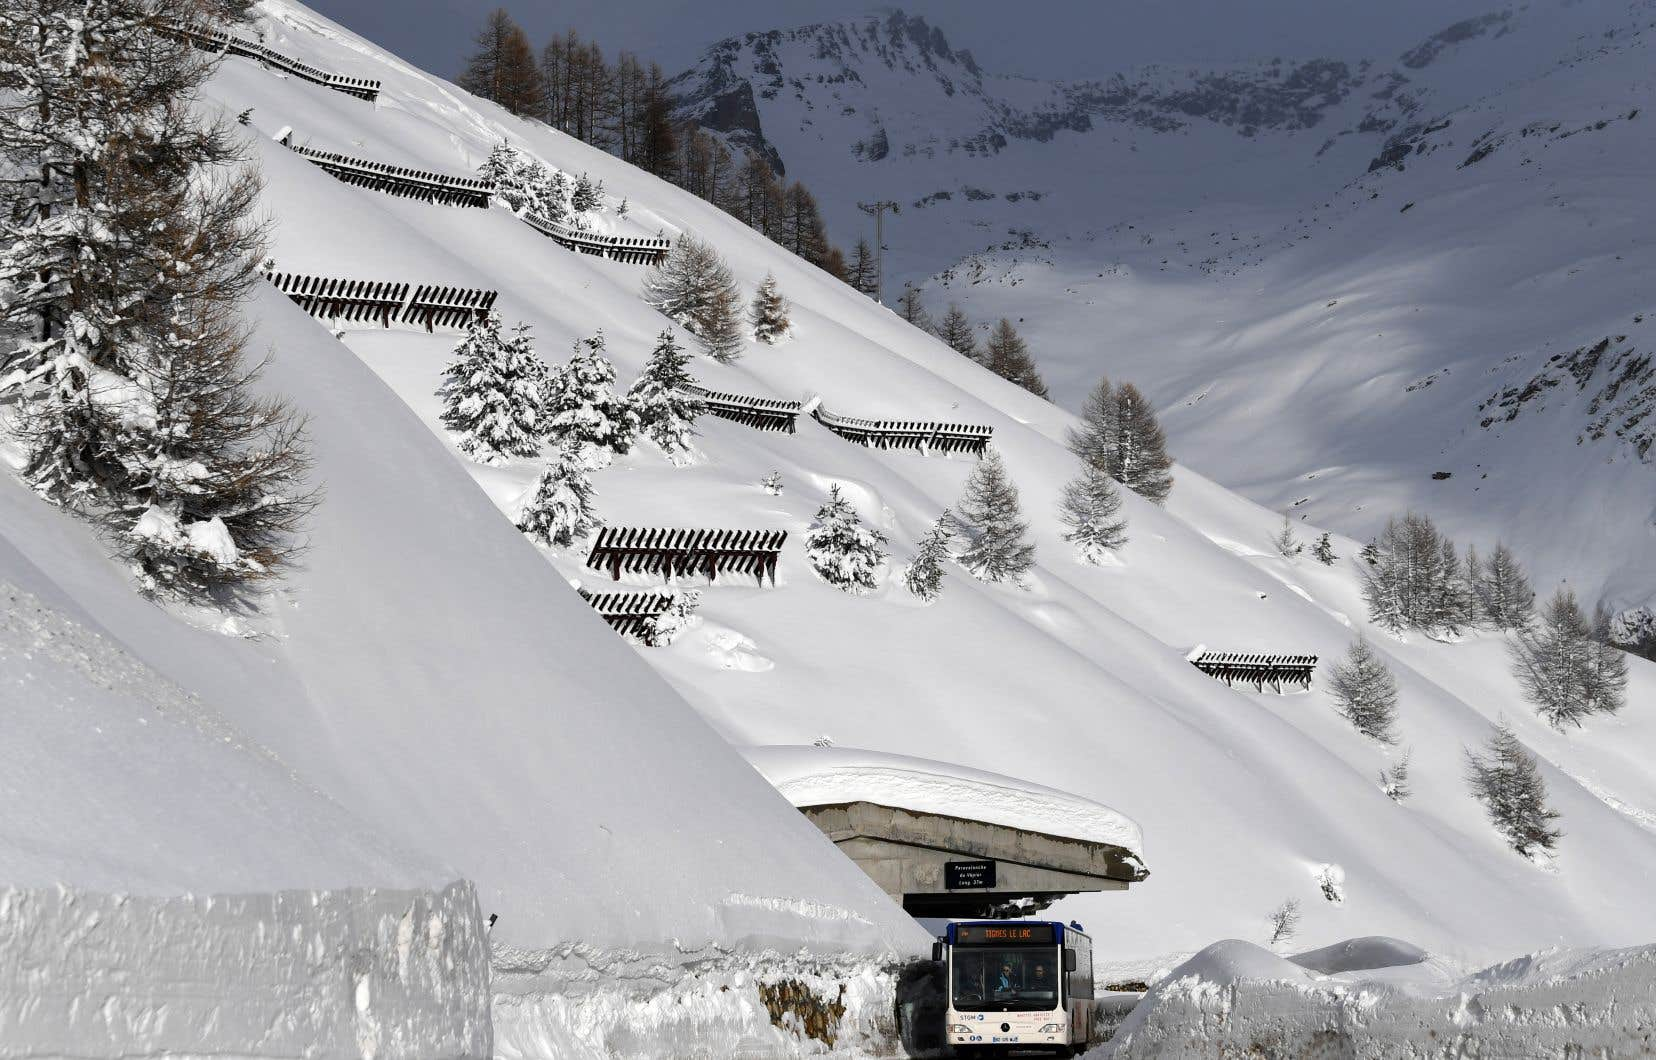 L'accès aux stations françaises de Tignes et Val-d'Isère a rouvert mardi, mais les déplacements à pied sont encore interdits dans certaines zones, car le risque d'avalanche demeure.